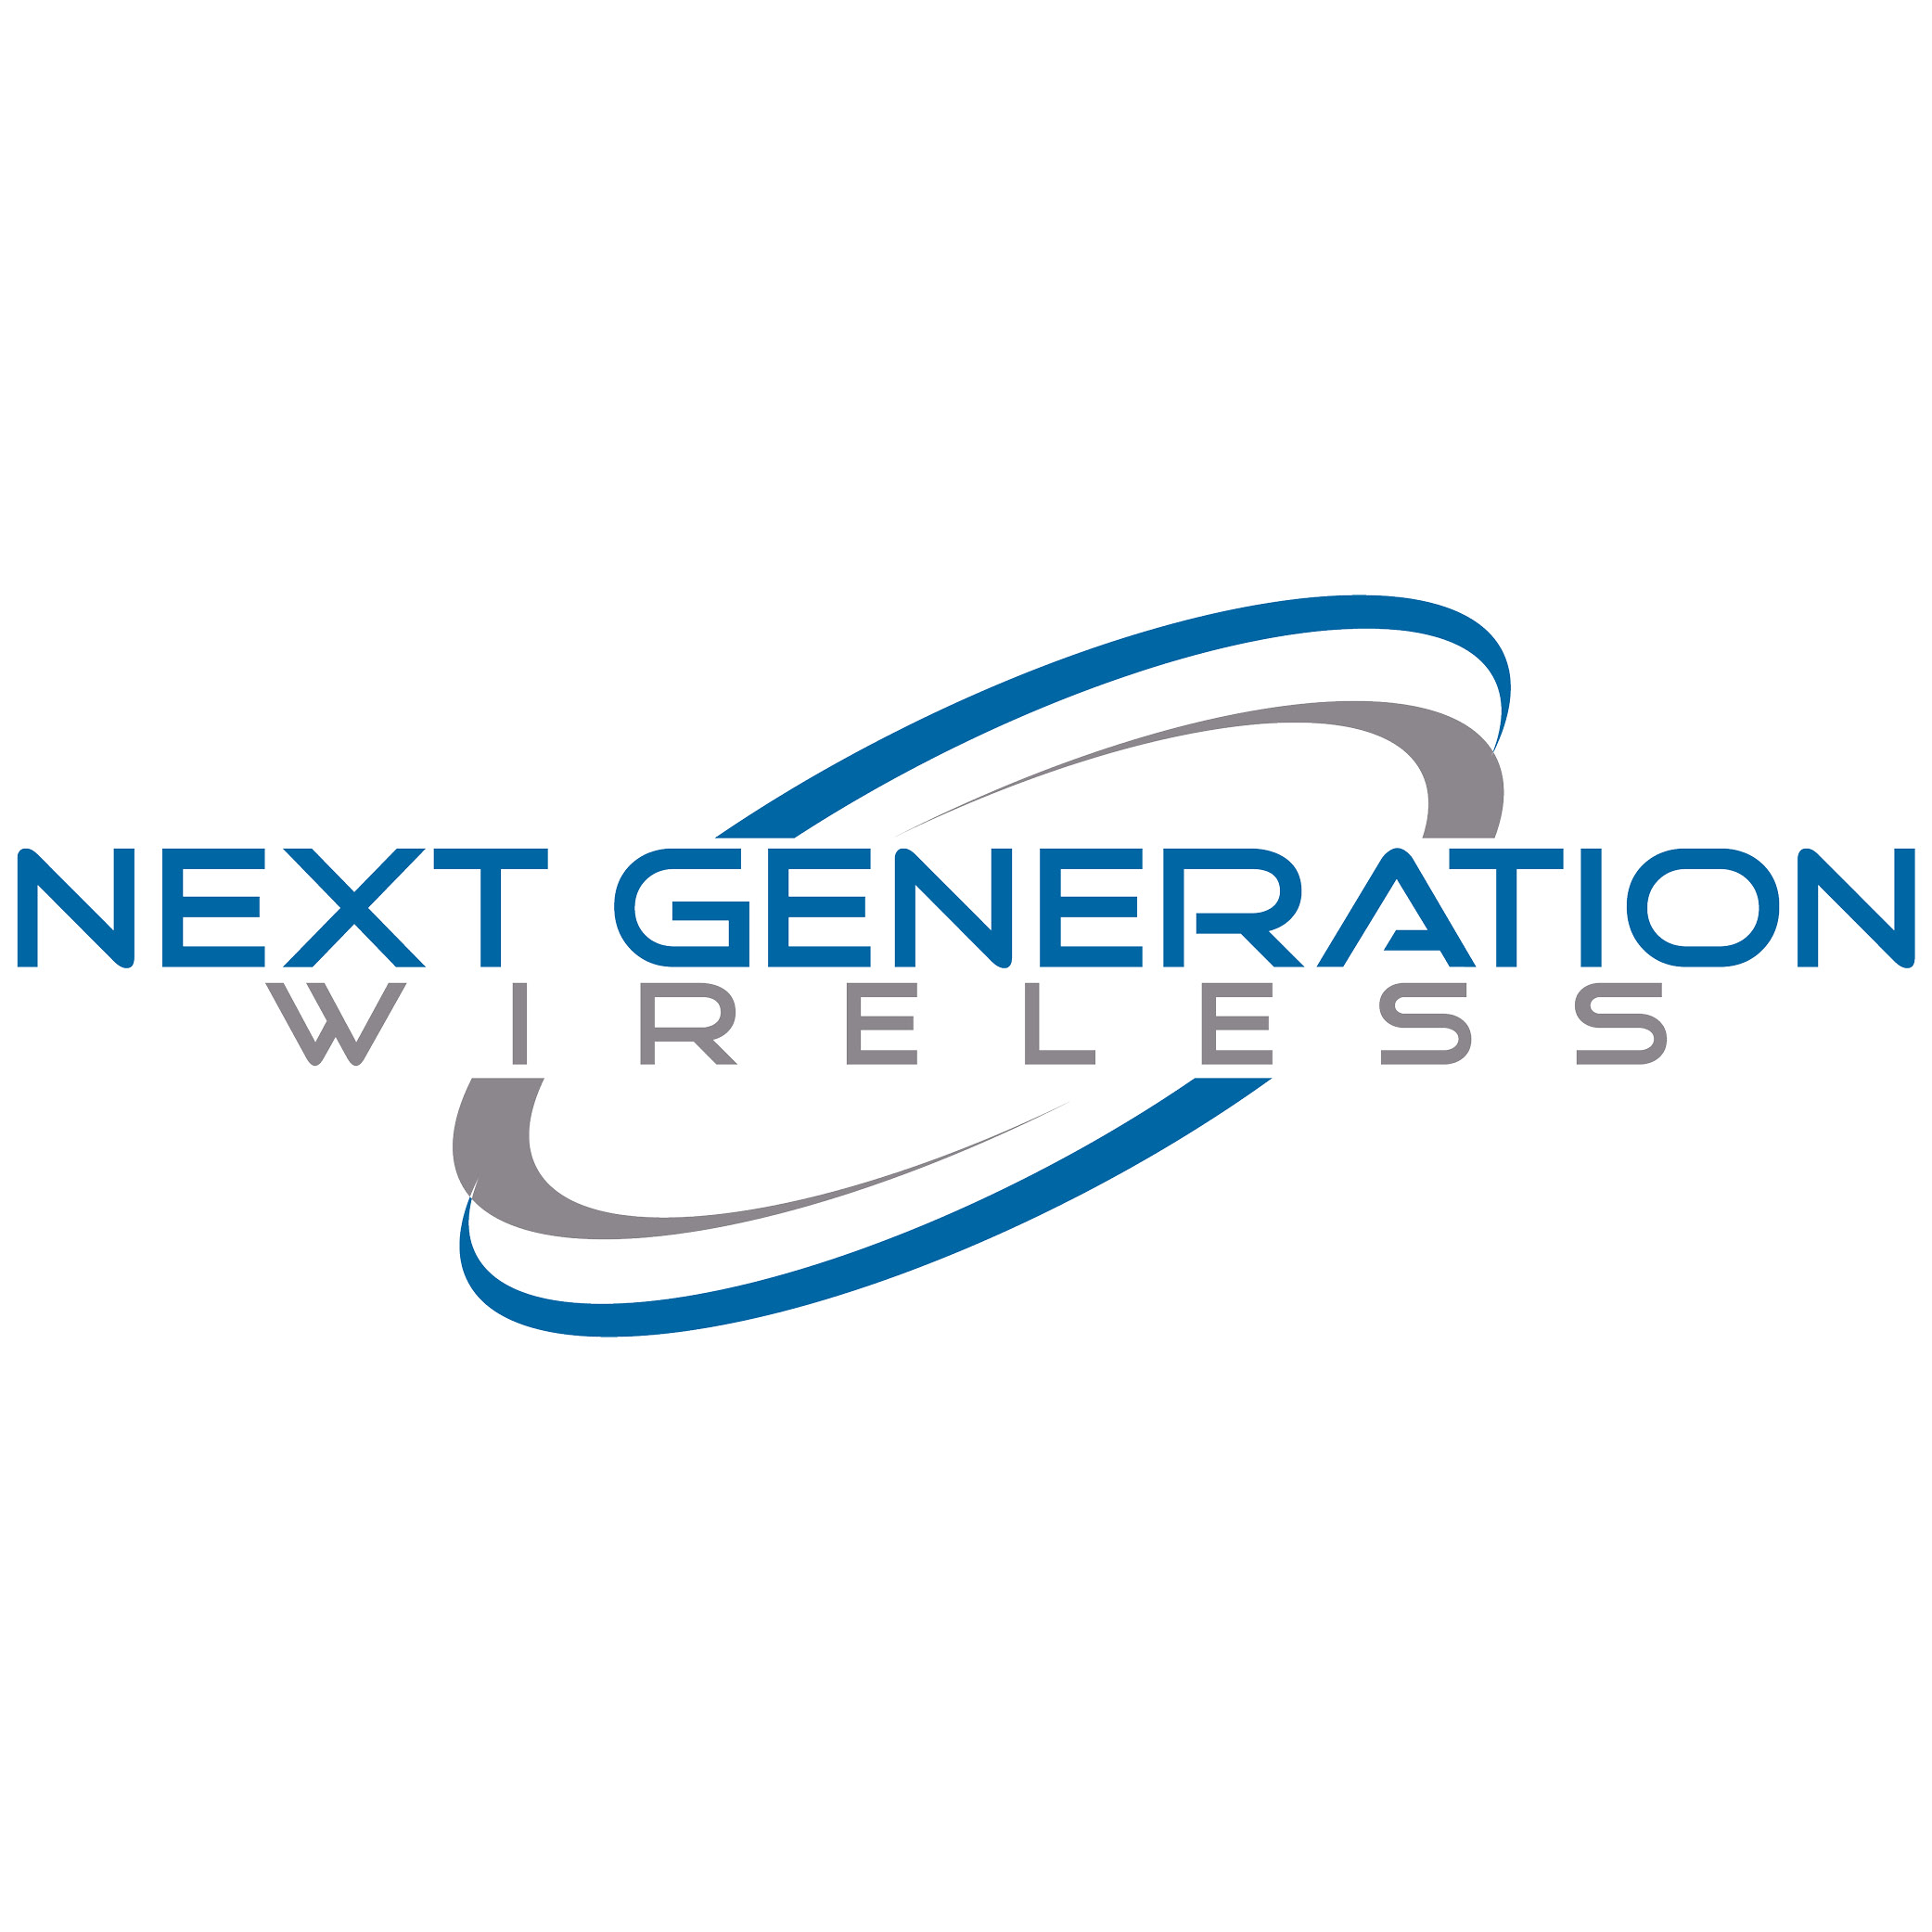 U.S. Cellular Authorized Agent - Next Generation Wireless